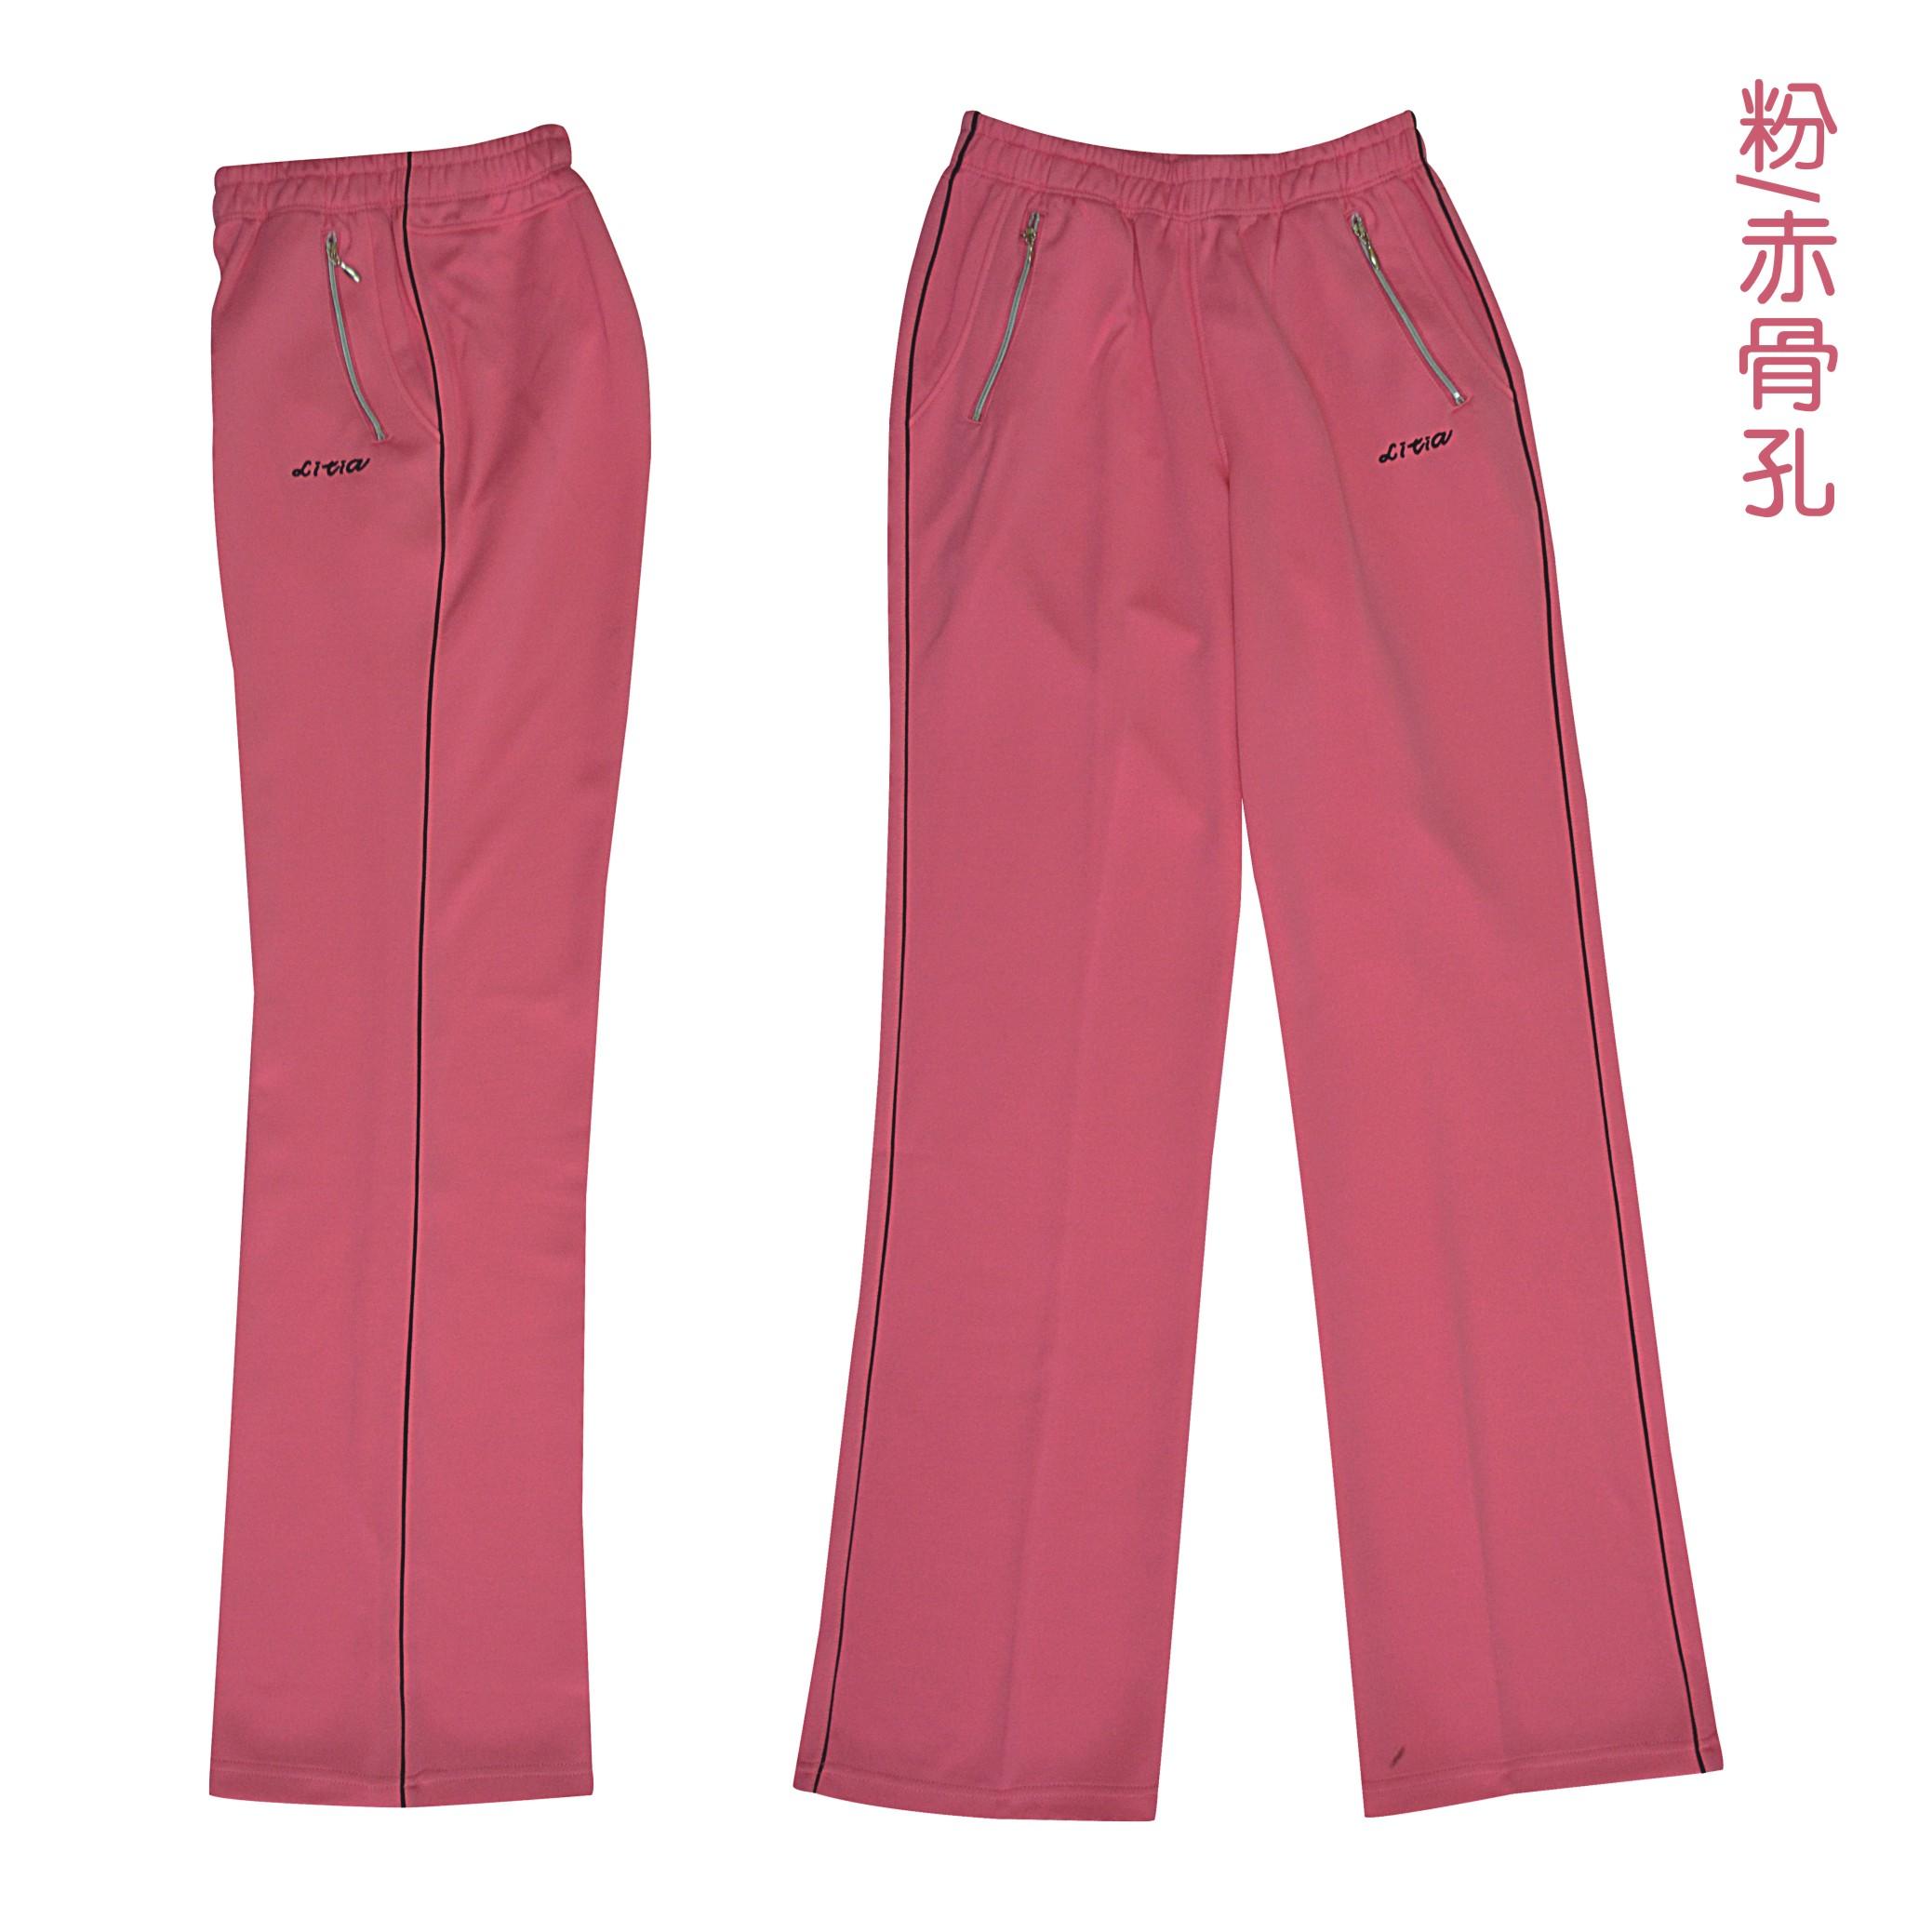 【和美】女素面KAPPA雙拉鍊長褲-赤骨款